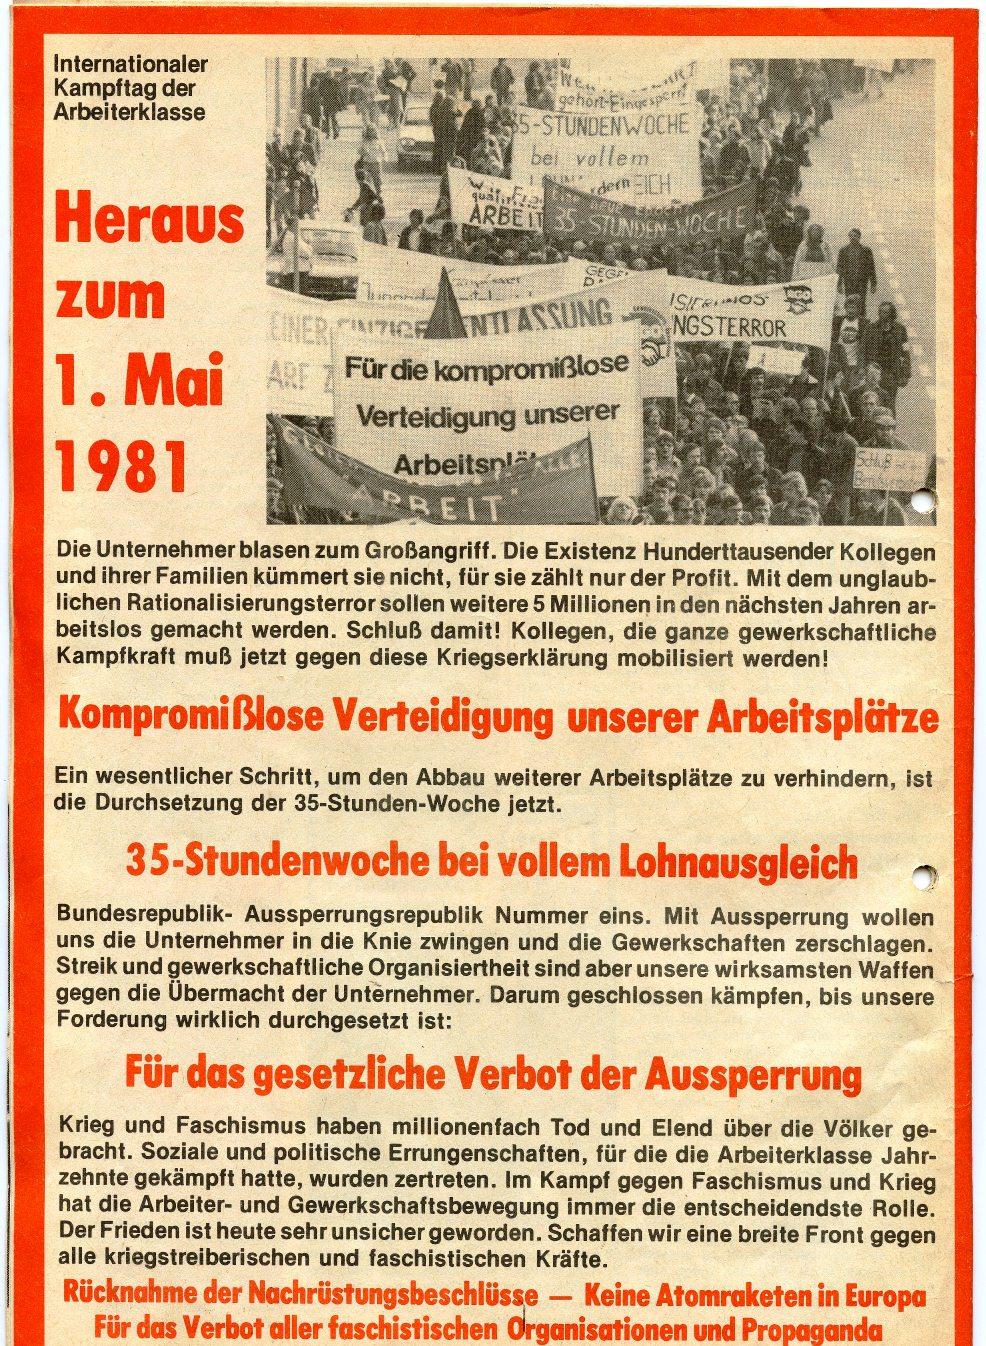 RGO_RGO_Nachrichten_1981_04_16